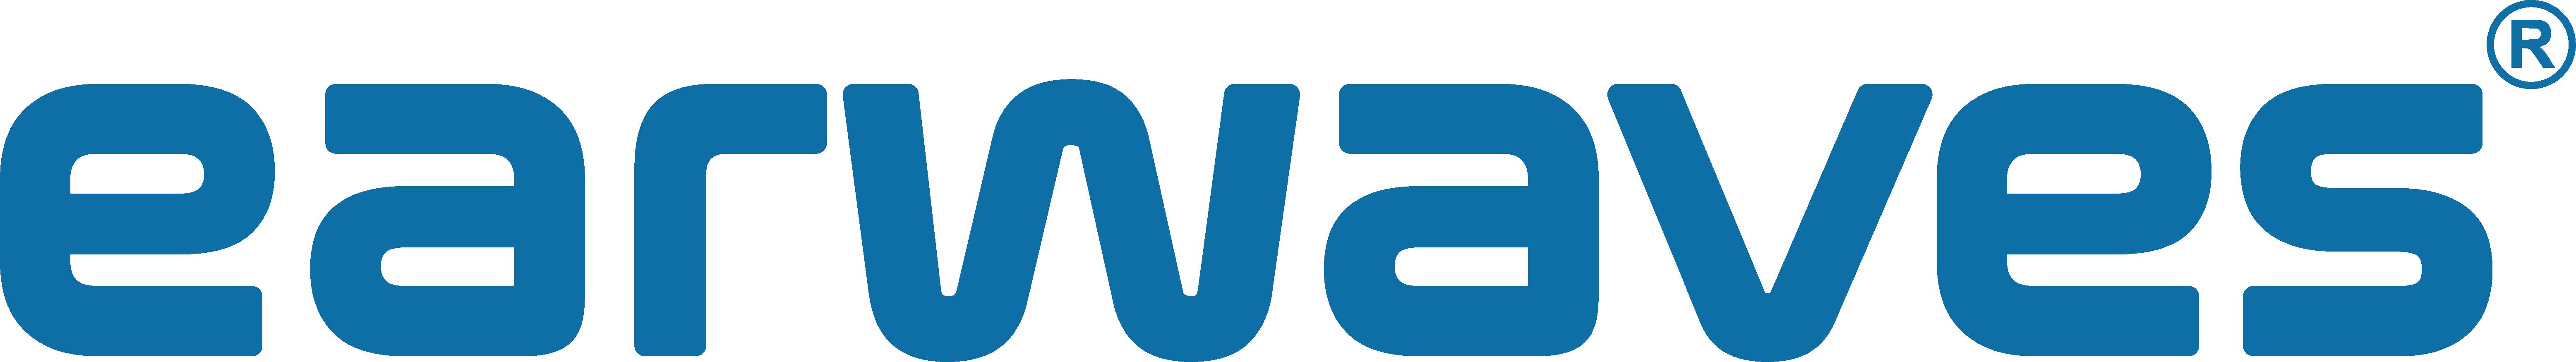 logo earwaves